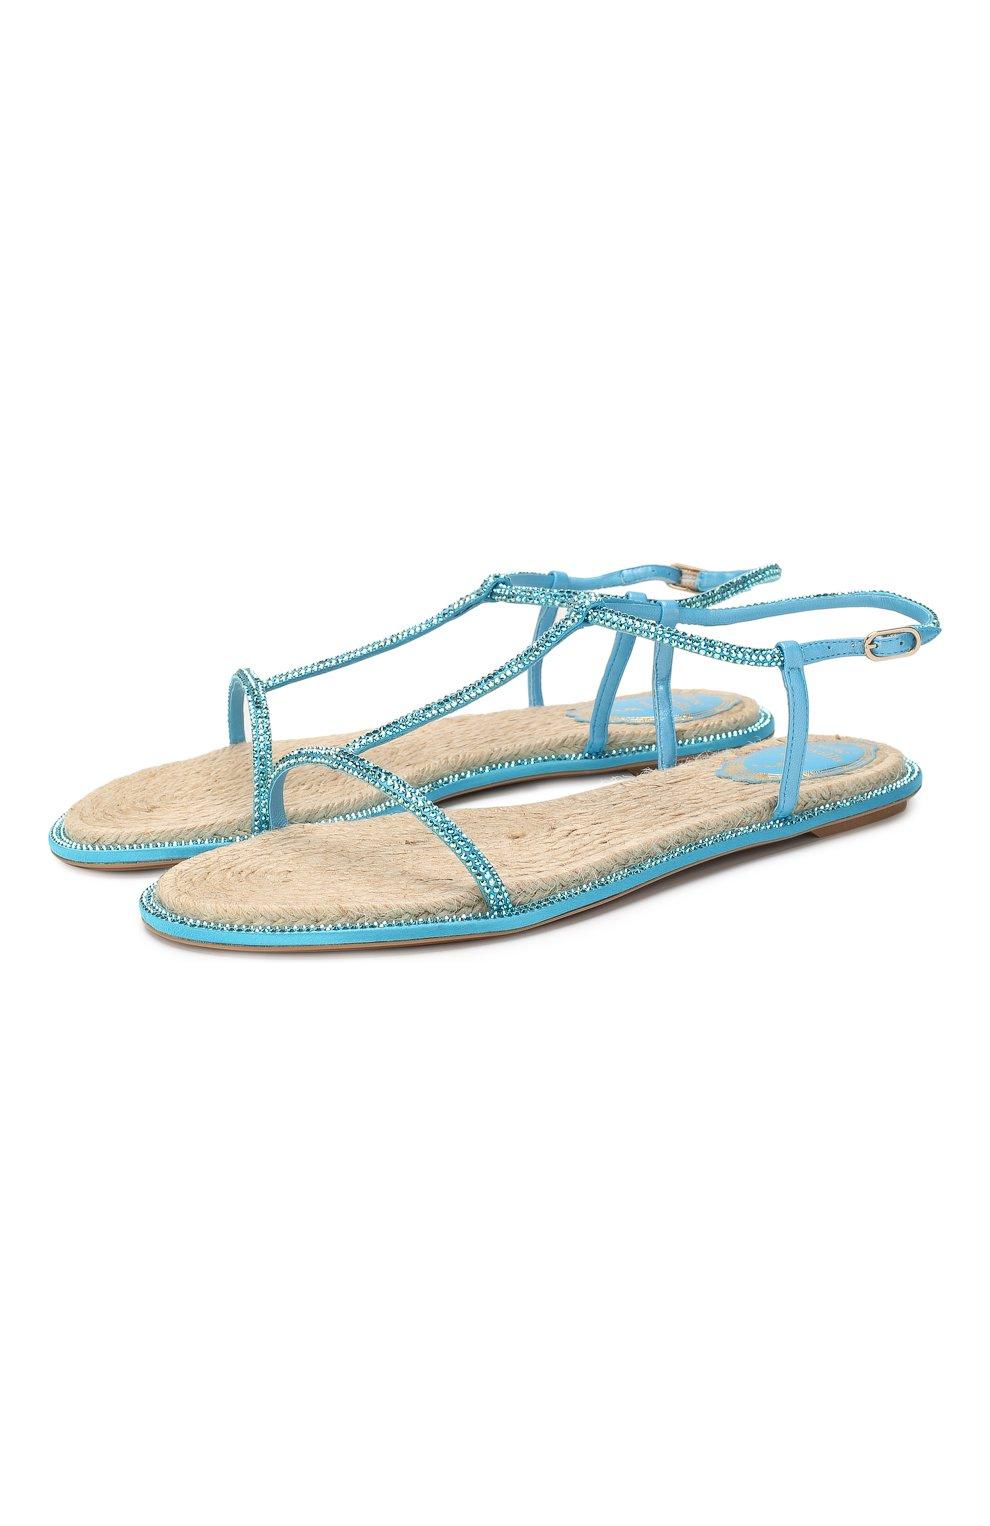 Текстильные сандалии Amalia | Фото №1